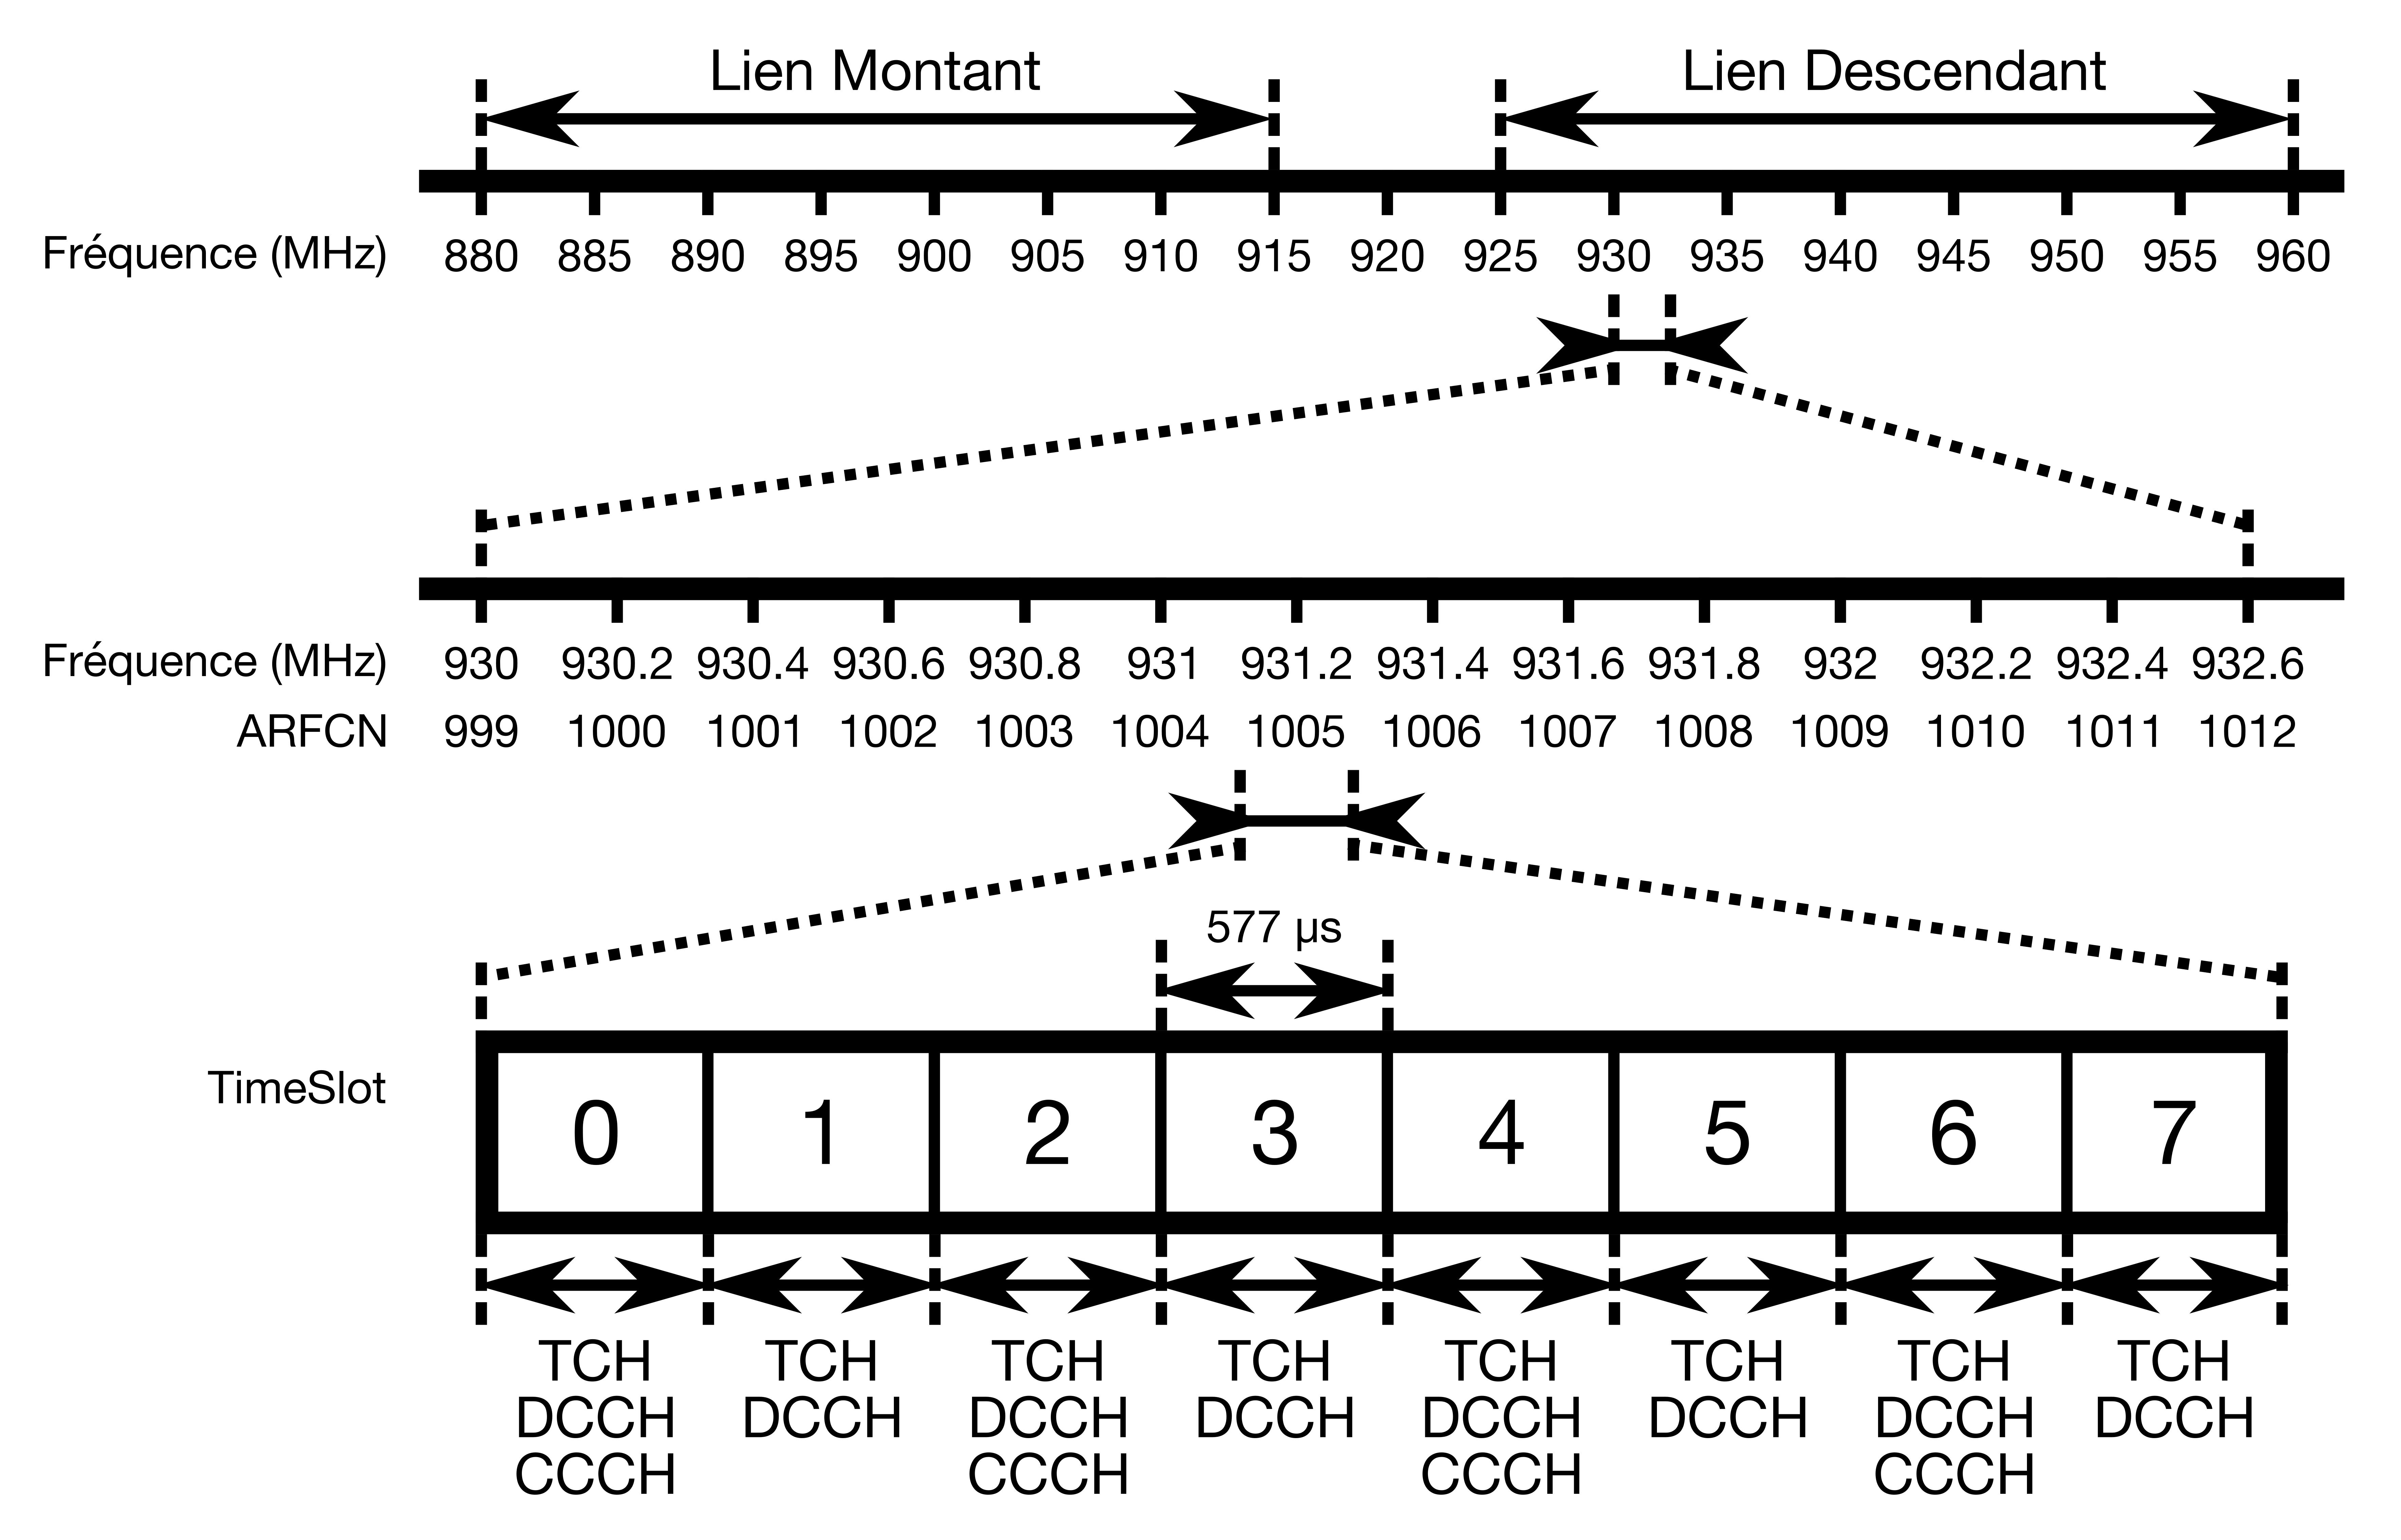 Schéma simplifié des fréquences et des time slots dans les communications GSM